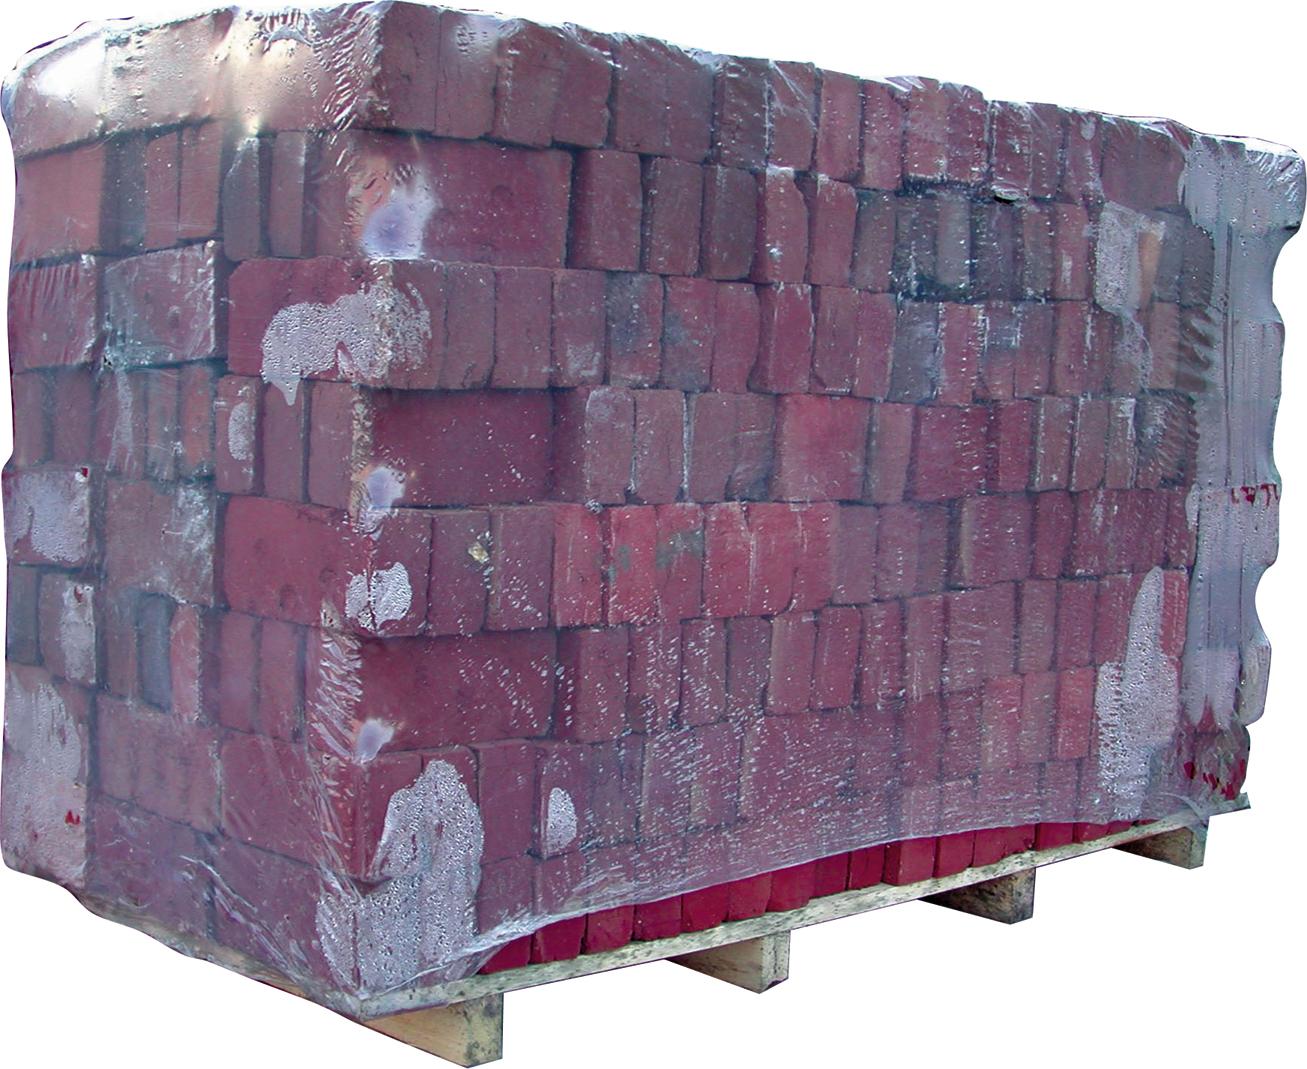 Brique chimot 01 72